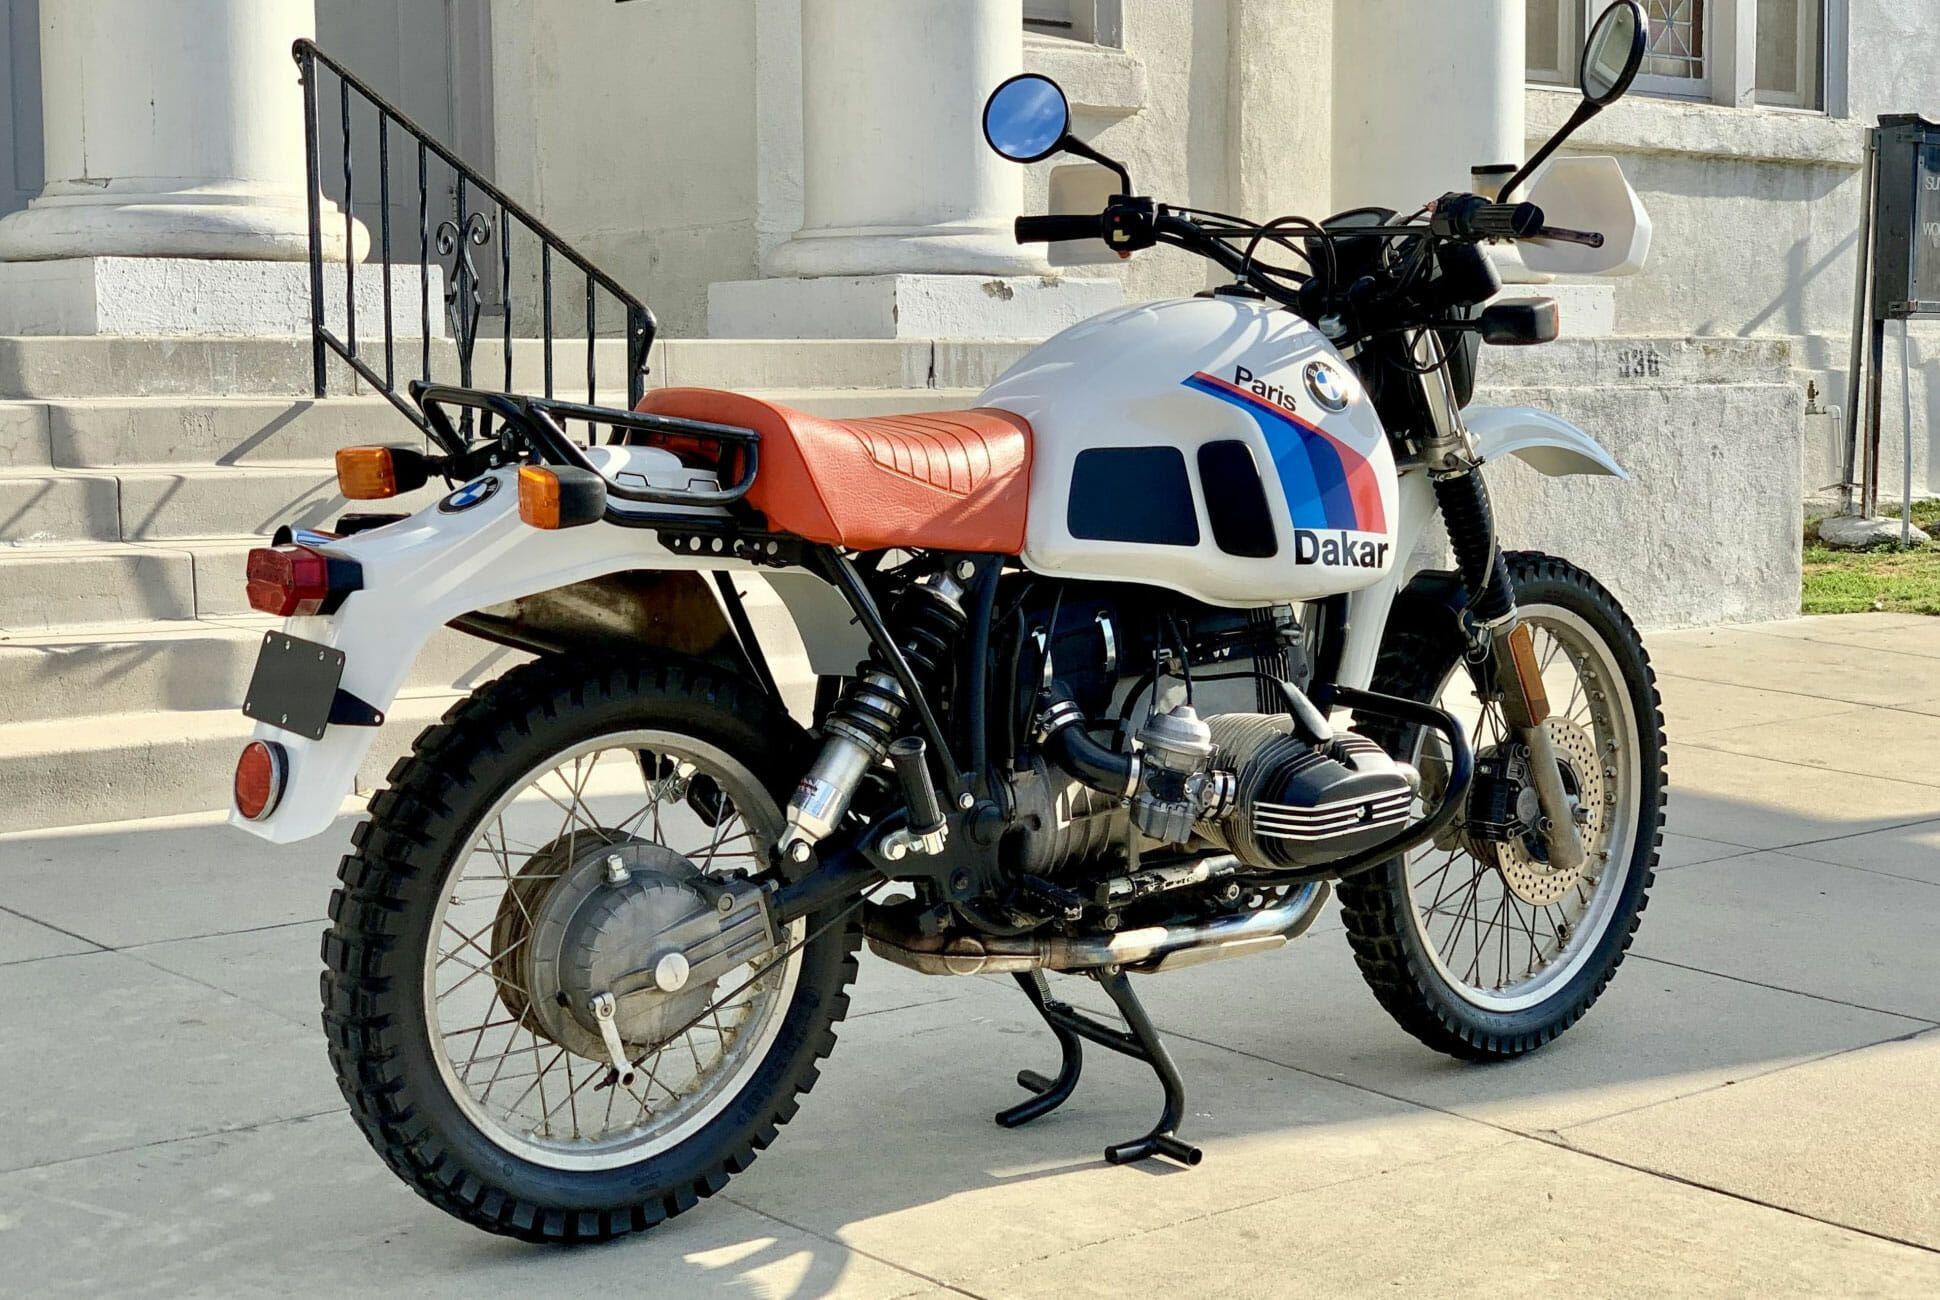 1981-BMW-R80G-Dakar-Gear-Patrol-slide-2